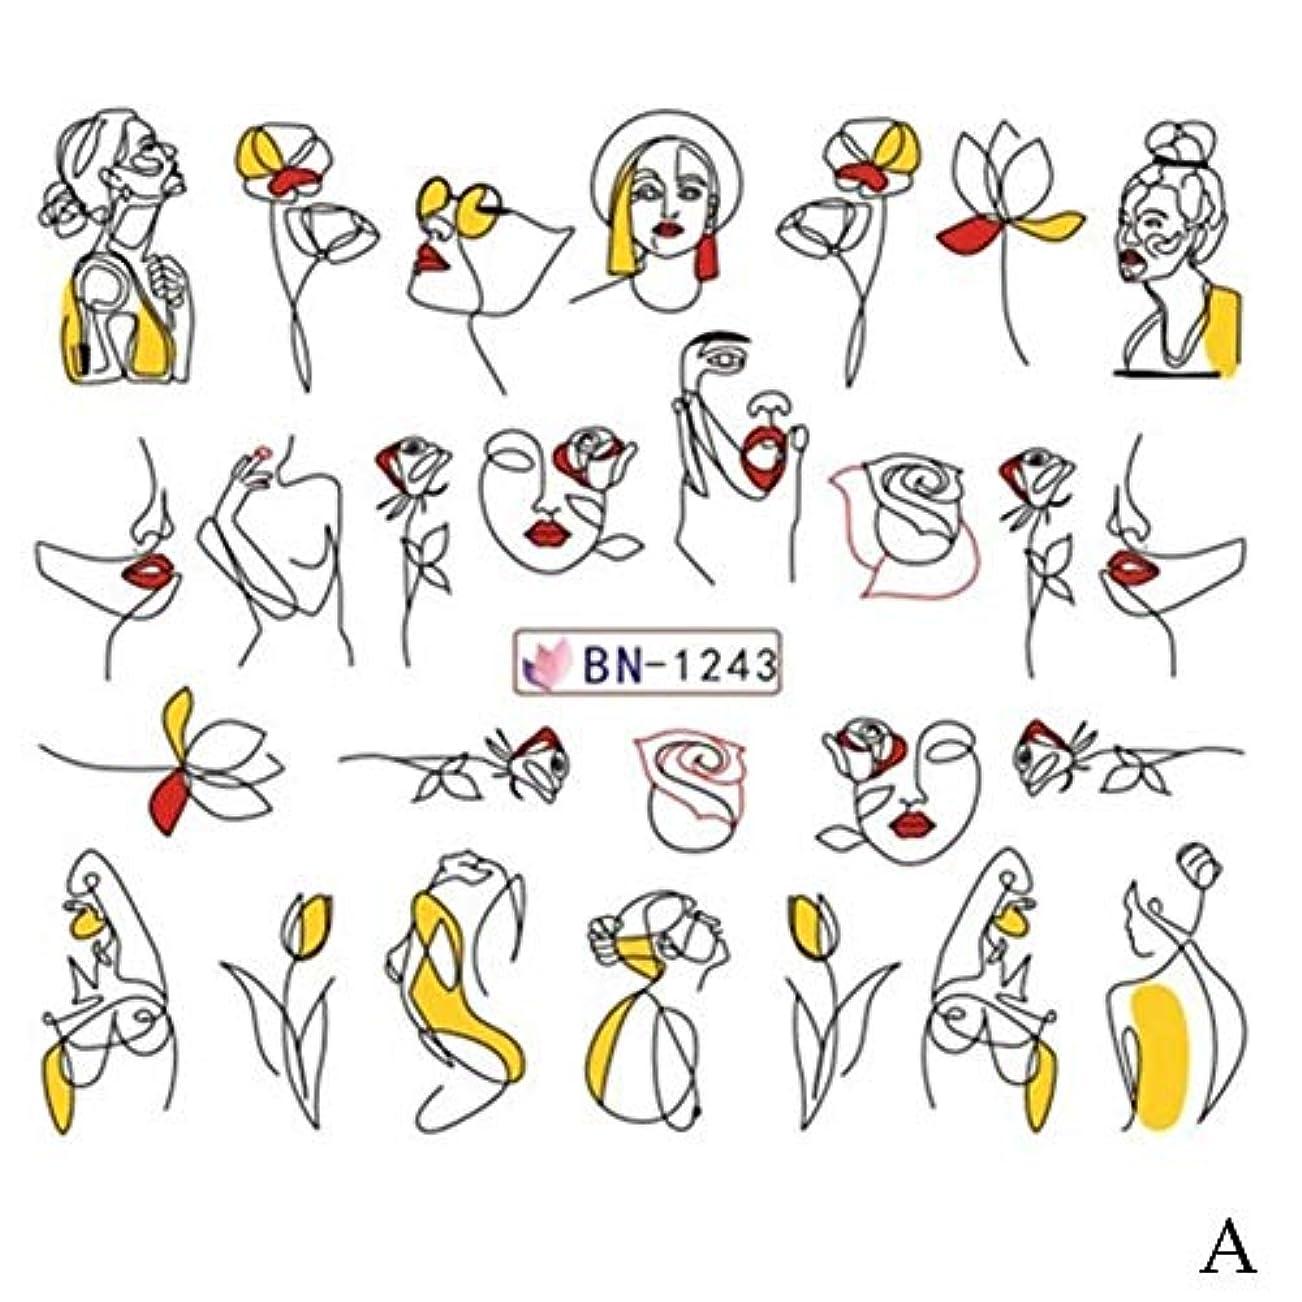 うぬぼれ叫ぶ酸化するBETTER YOU (ベター ュー) 透かしネイルステッカー、性格、女の子ネイルステッカー、ネイルジュエリー (A 01)